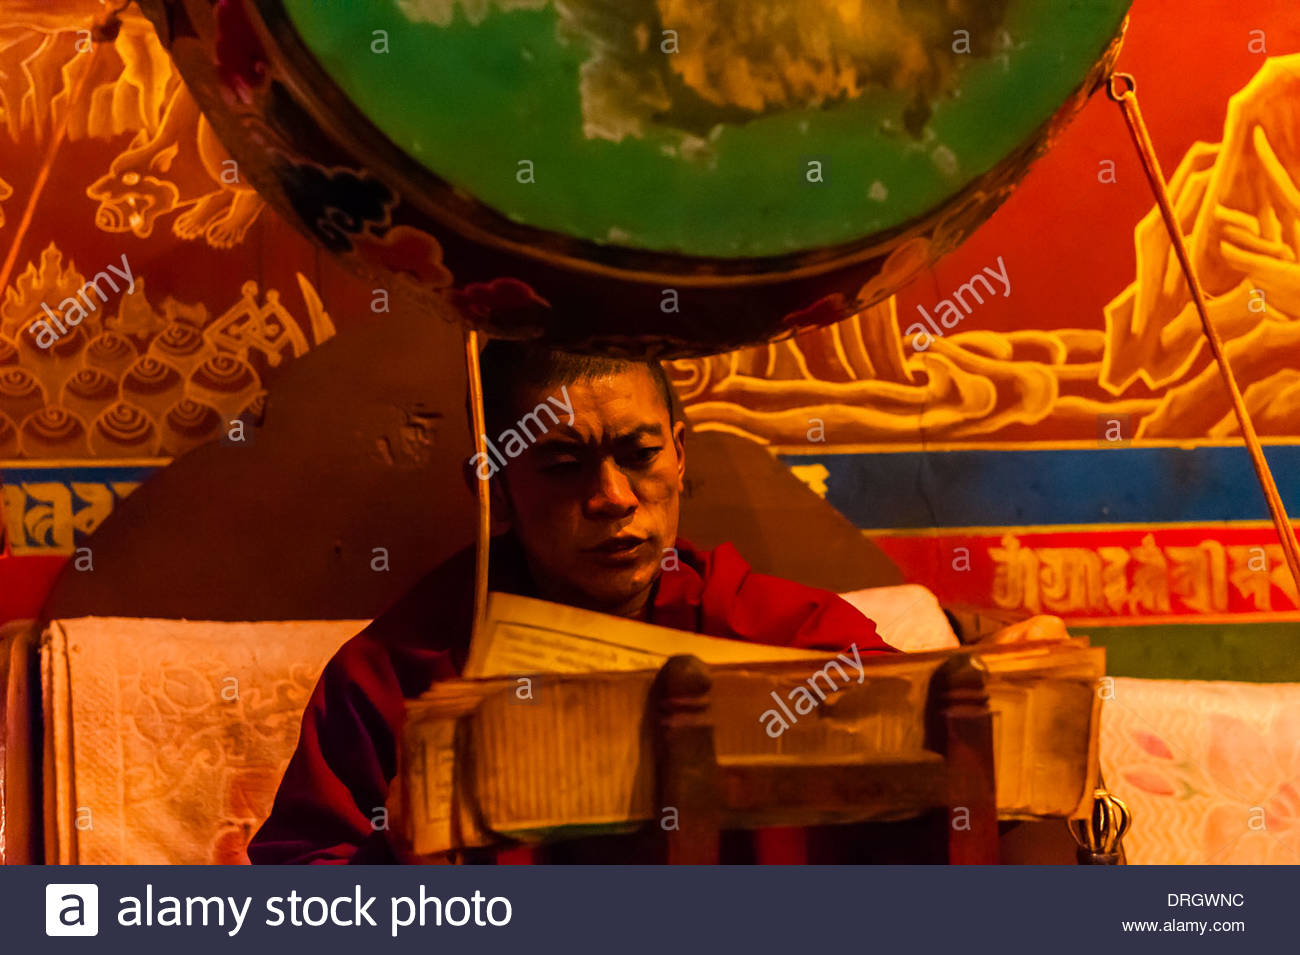 Buddhist monk drumming, Tsurphu Monastery, Gurum, Doilungdeqen County, Tibet (Xizang, China). - Stock Image